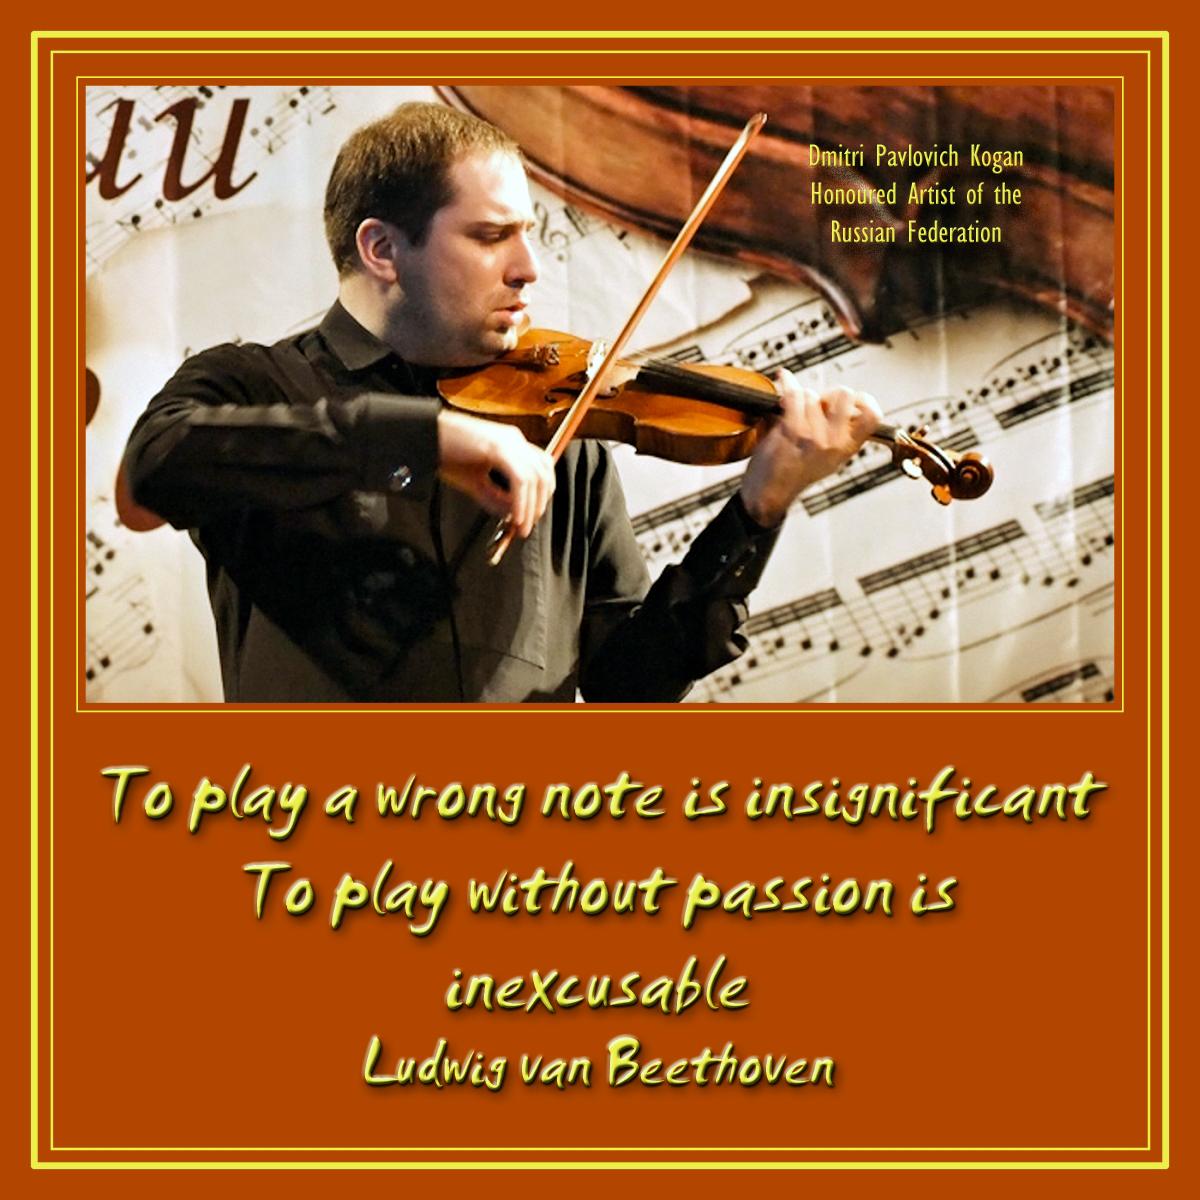 00 Dmitri Kogan. russian violinist. 20.04.15